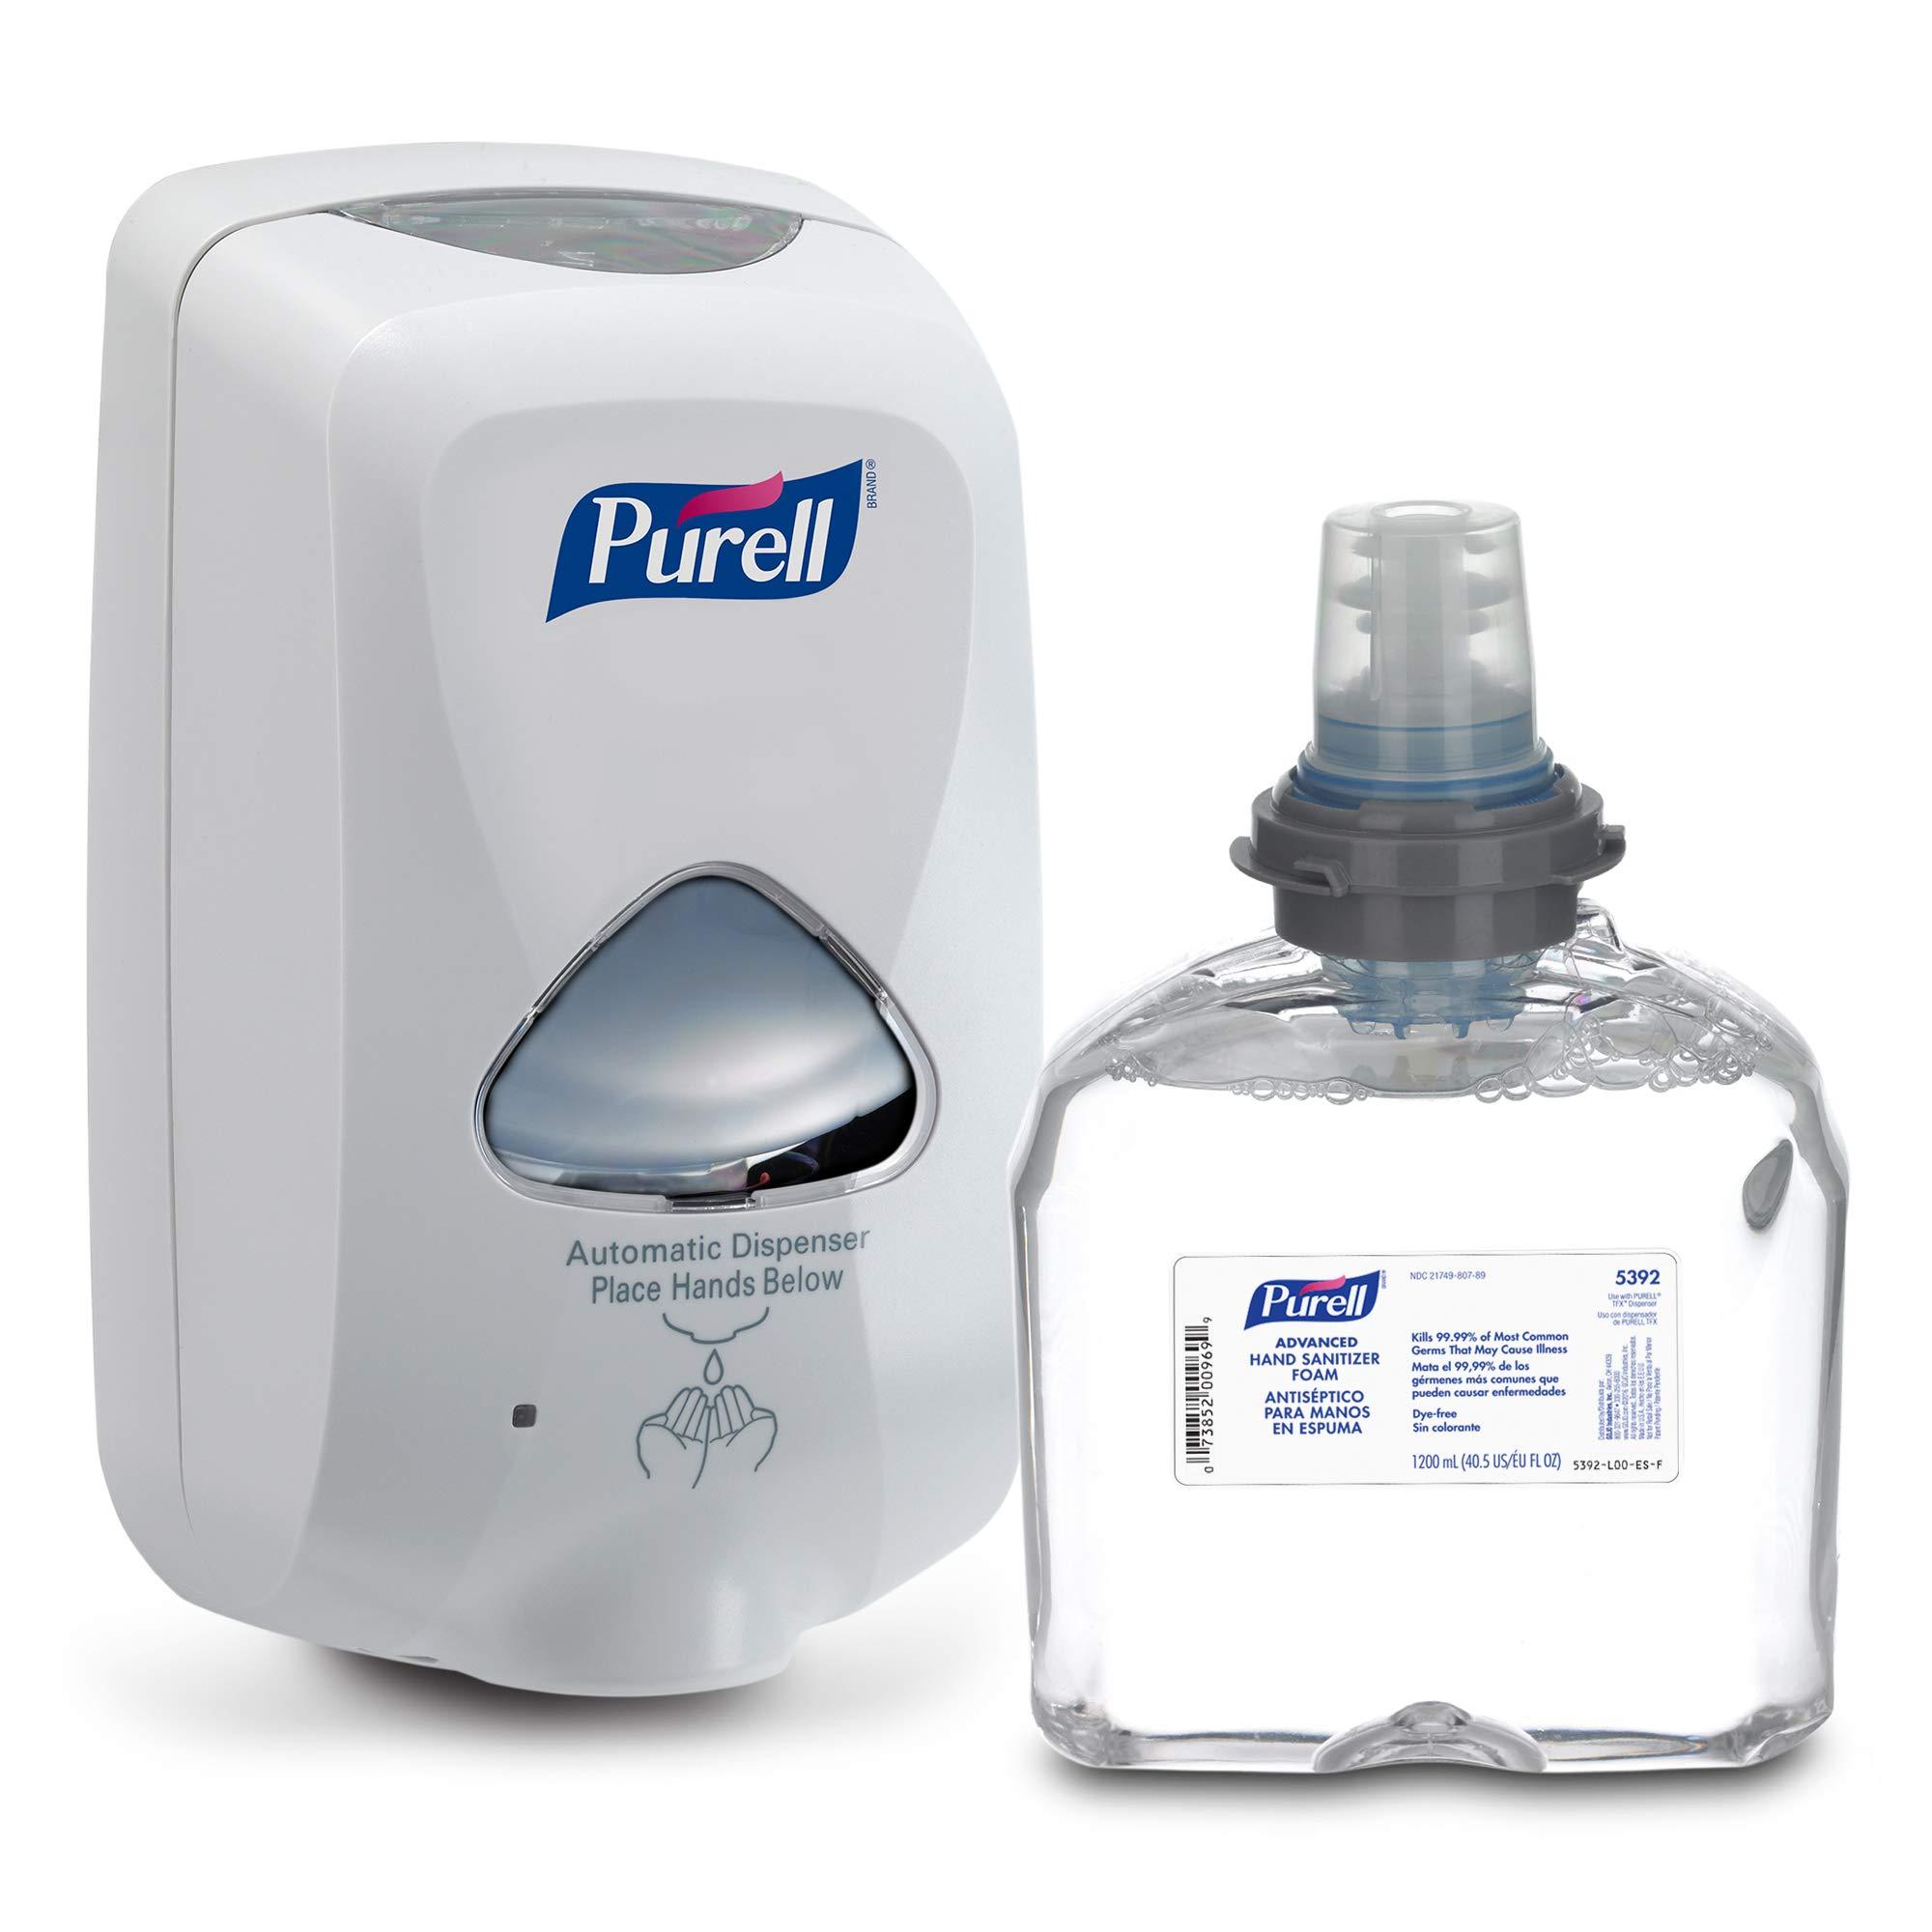 PURELL Advanced Hand Sanitizer Foam TFX Starter Kit, 1-1200 mL Hand Sanitizer Refill + 1- PURELL TFX Dove Grey Touch-Free Dispenser – 5392-D1